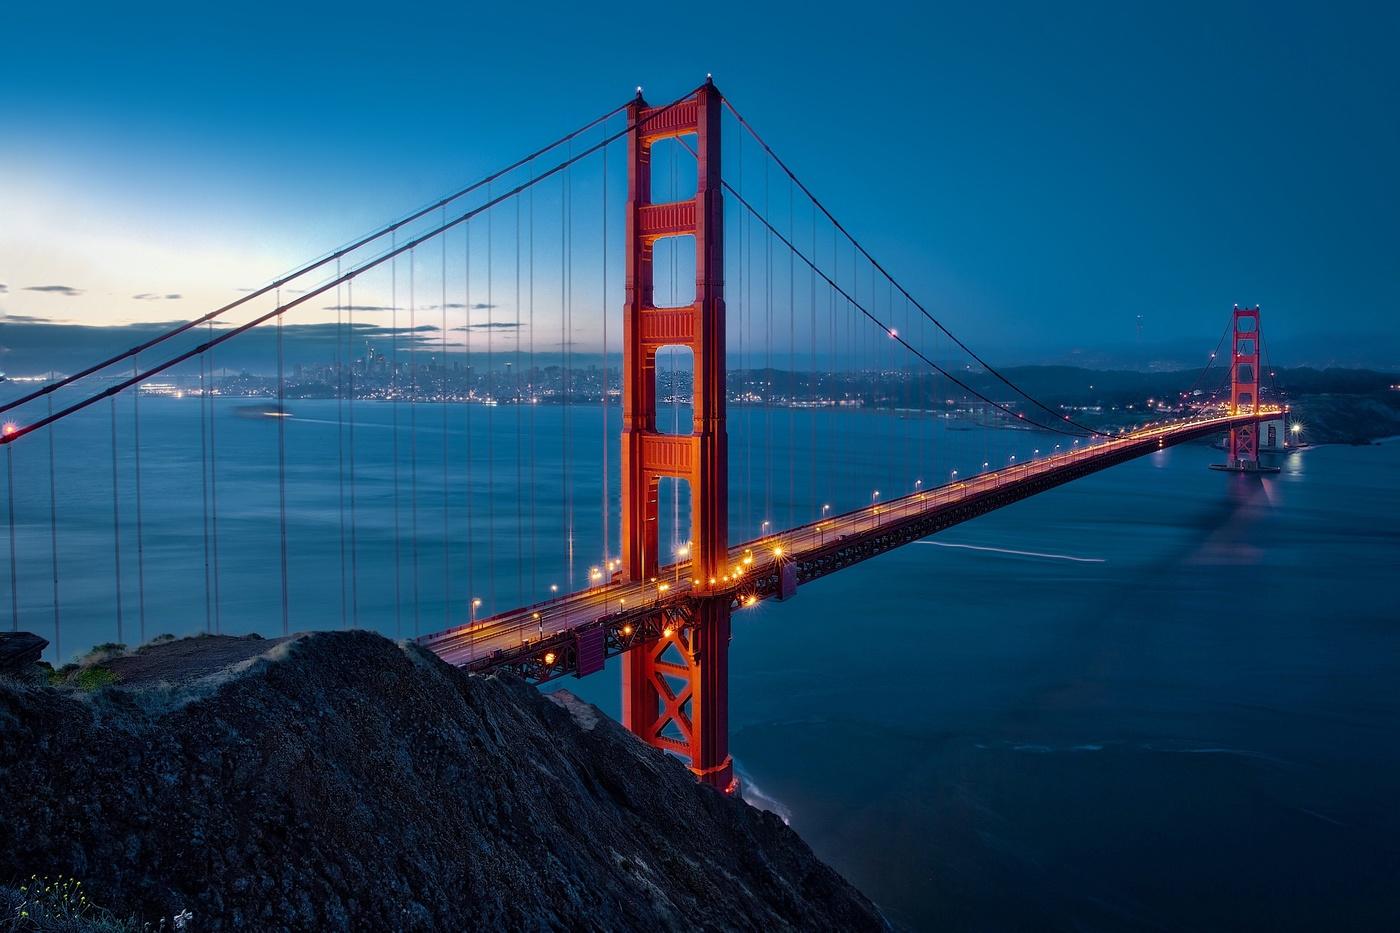 фото с моста в сан франциско них